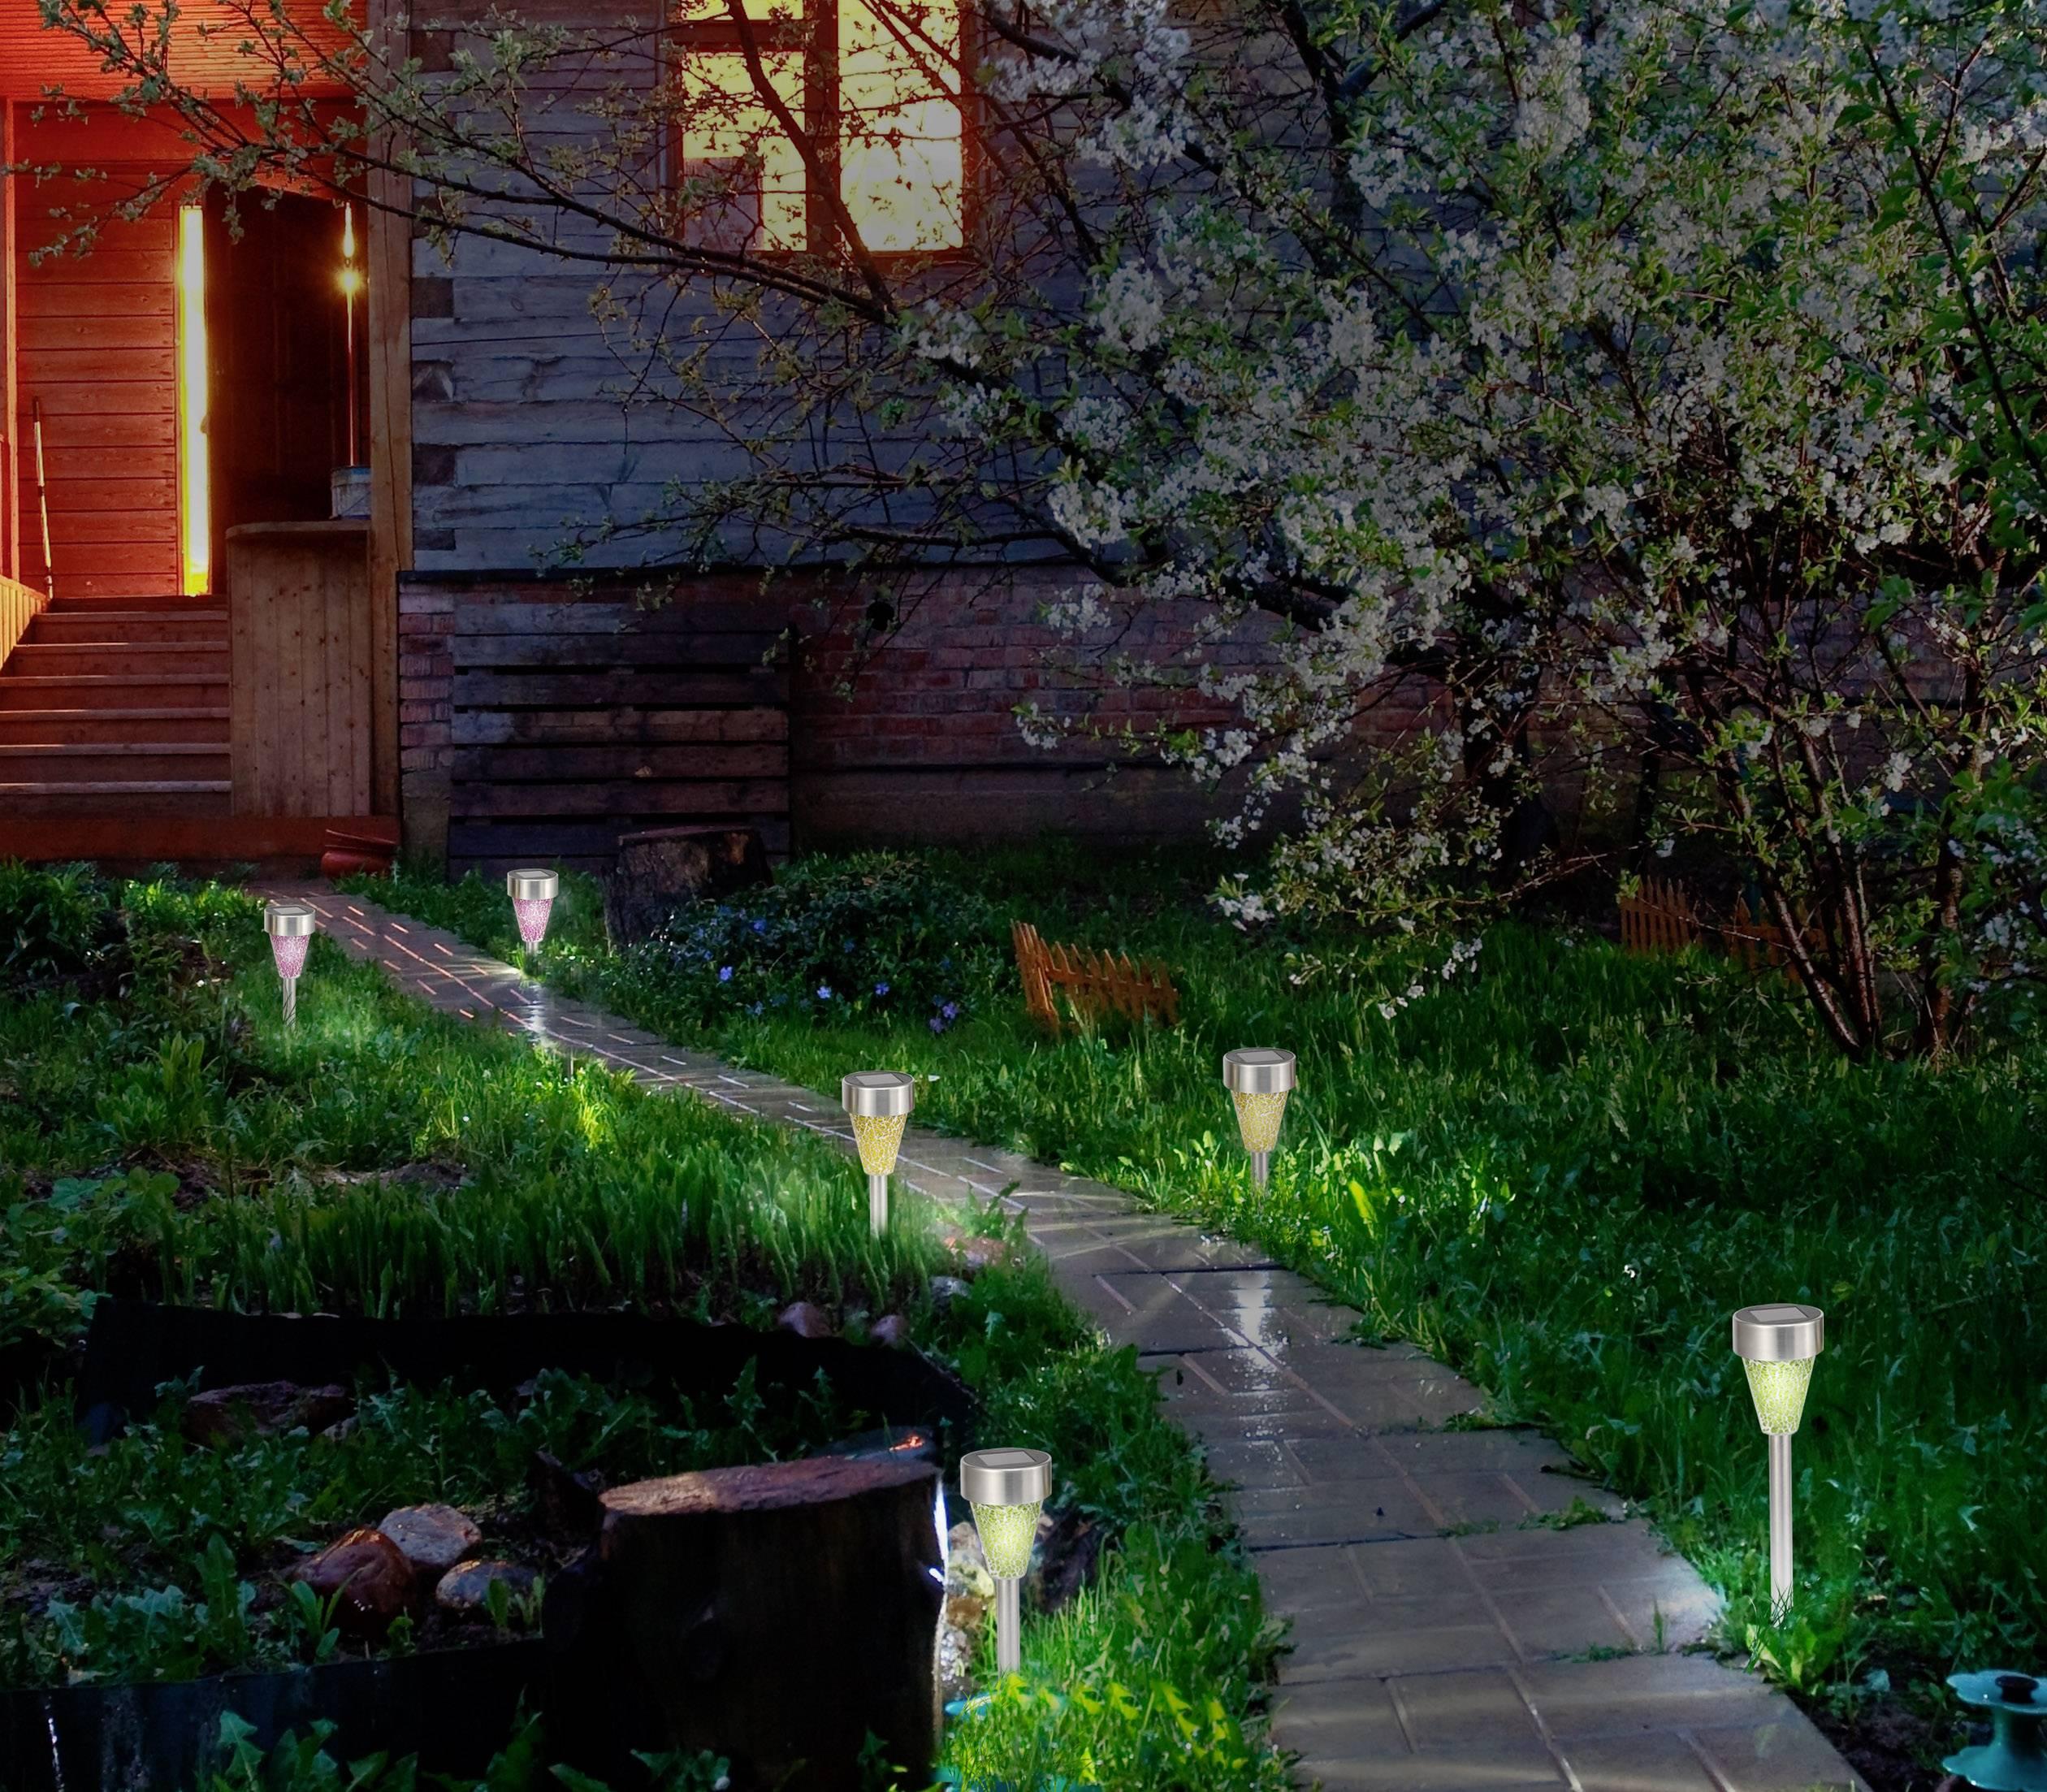 LED solární zahradní svítidlo Renkforce Mosaik, sada 3 ks, IP44, barevná, hliník